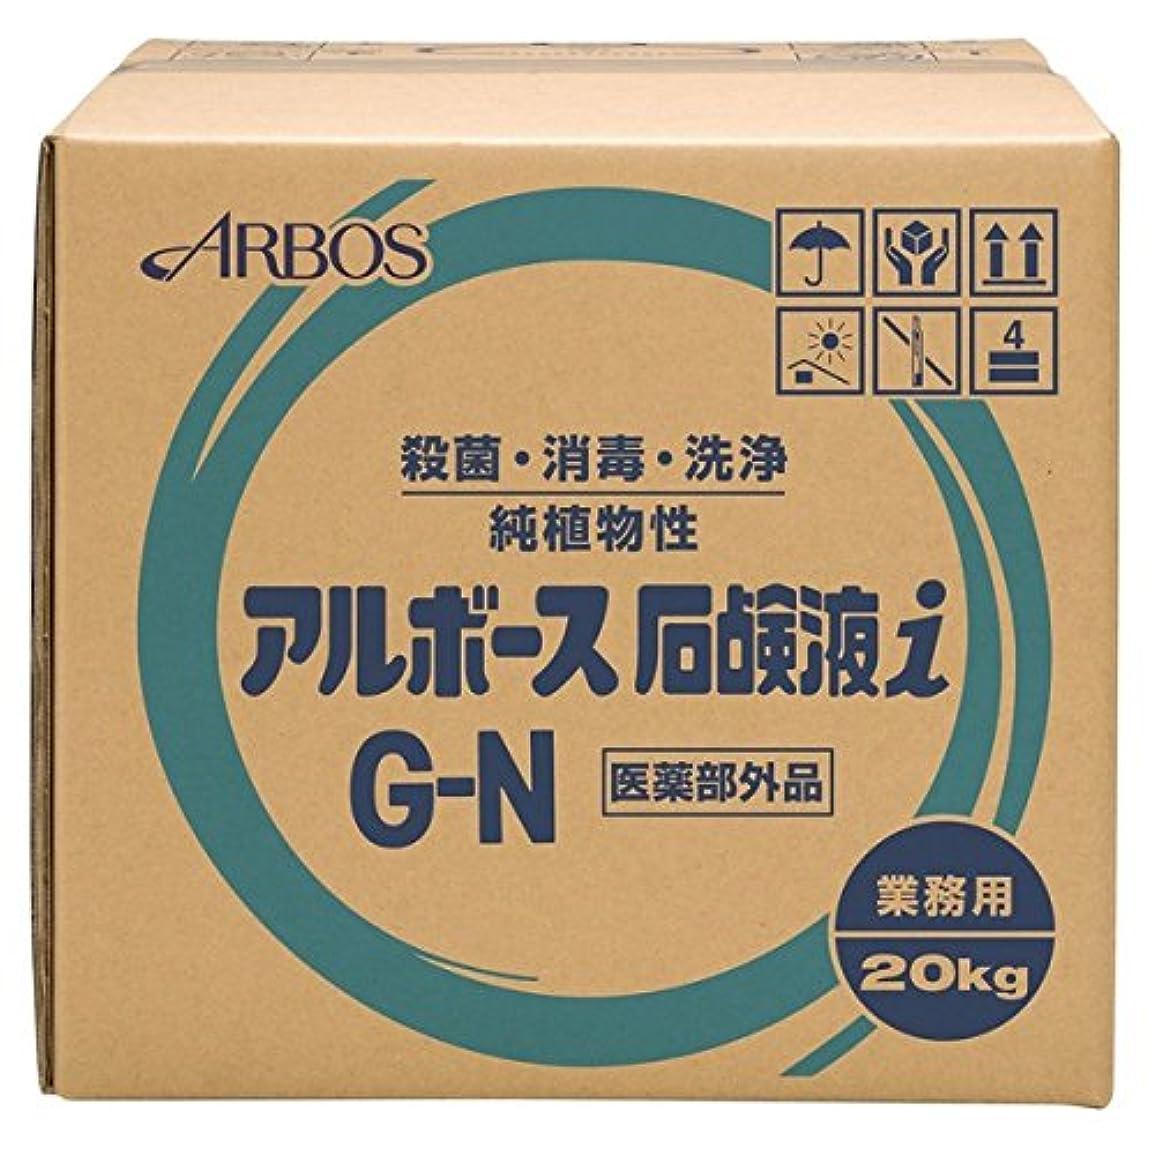 葉を拾う勉強する実際にアルボース 薬用ハンドソープ アルボース石鹸液i G-N 濃縮タイプ 20kg